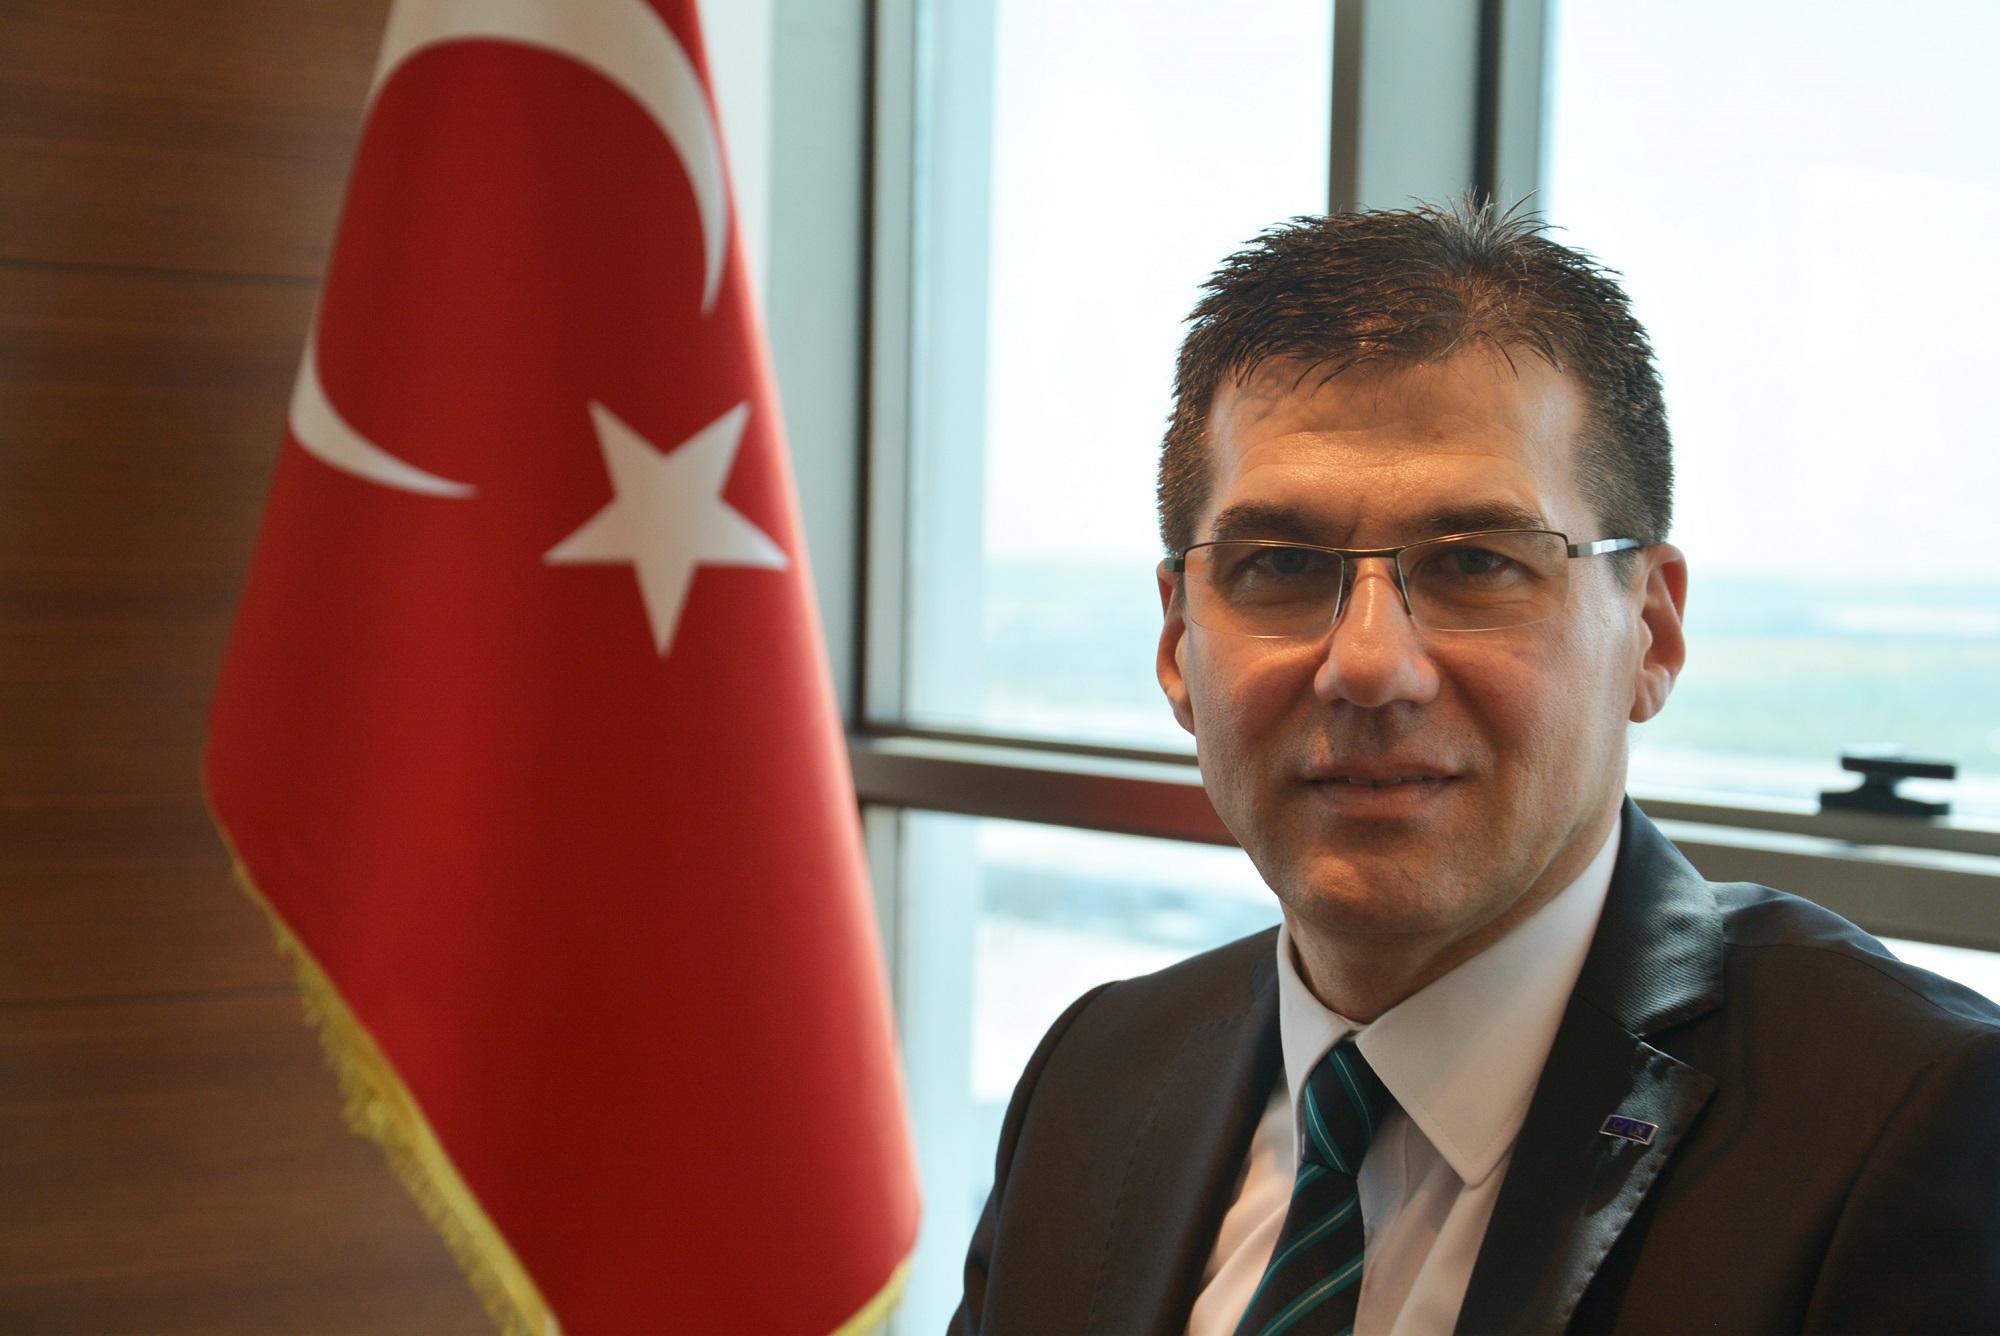 Erdim Noyan